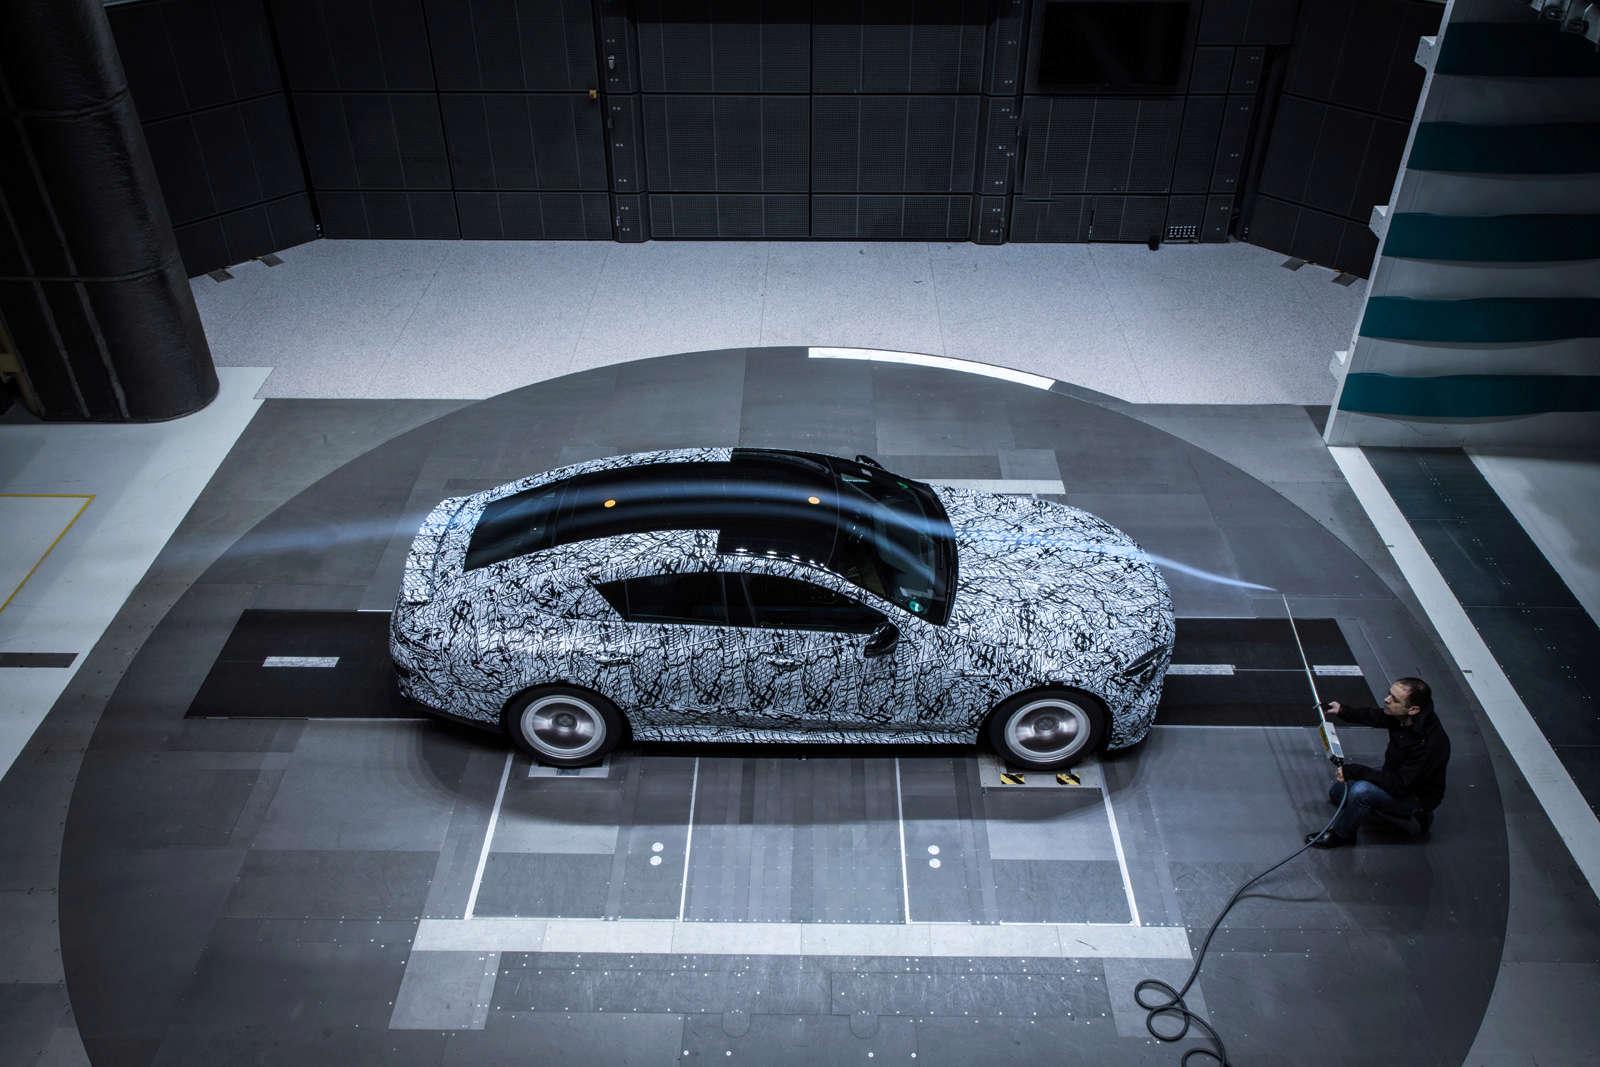 (X290): Fotos da Mercedes-AMG GT4 em testes no túnel de vento 2e23a910